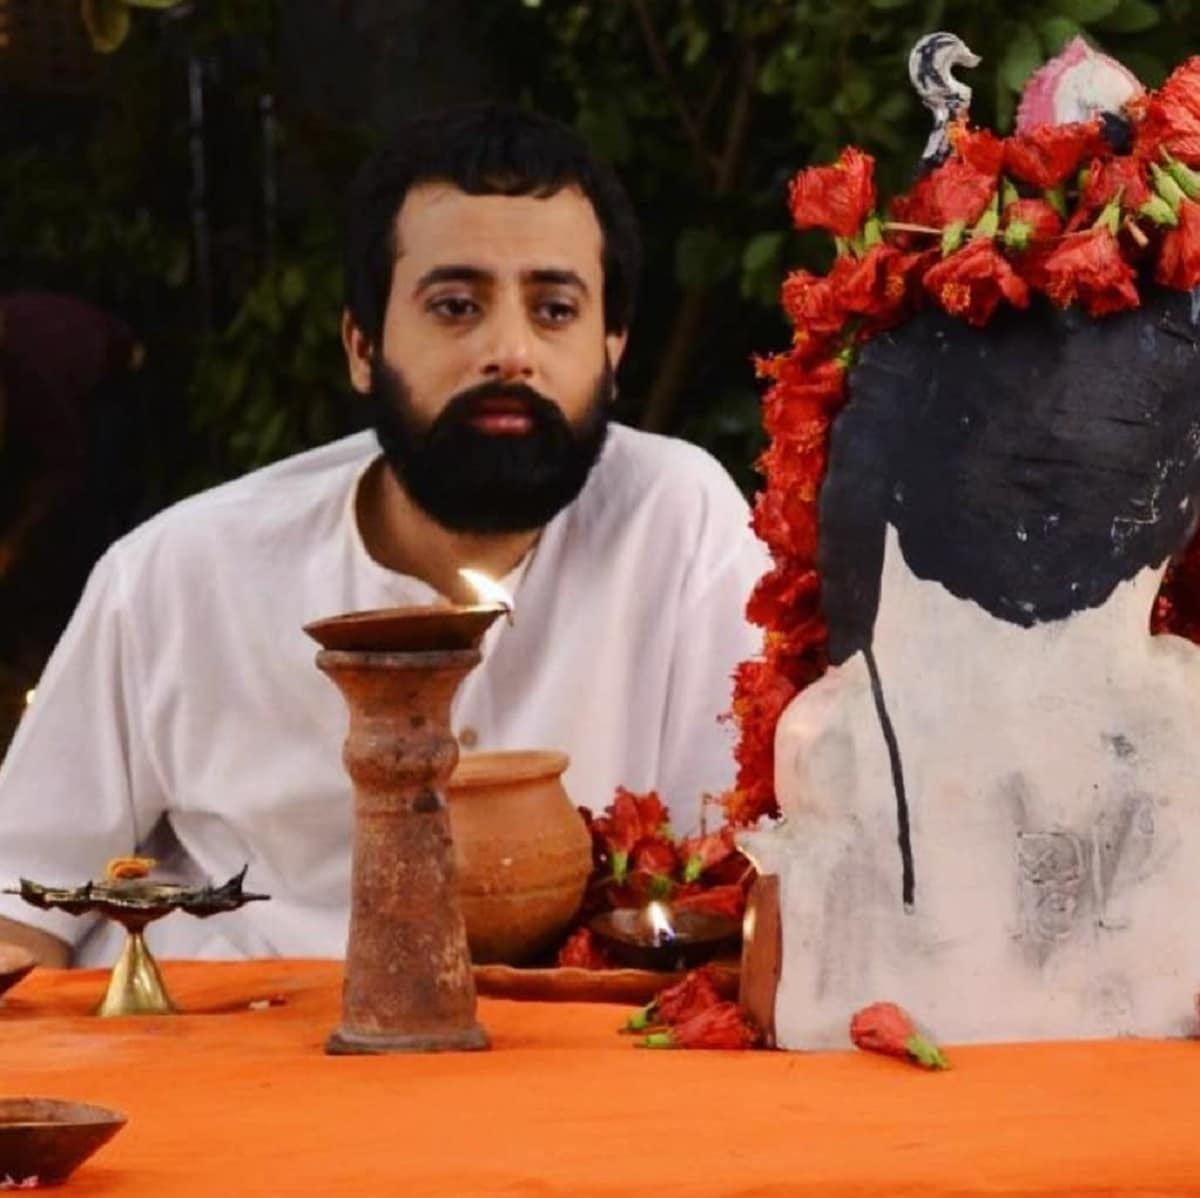 আর সেই জন্যই টেলিভিশনের সব ধারাবহিককে পিঁছনে ফেলে দিয়ে টিআরপি দৌড়ে সব থেকে এগিয়ে 'রানি রাসমণি'। photo source collected